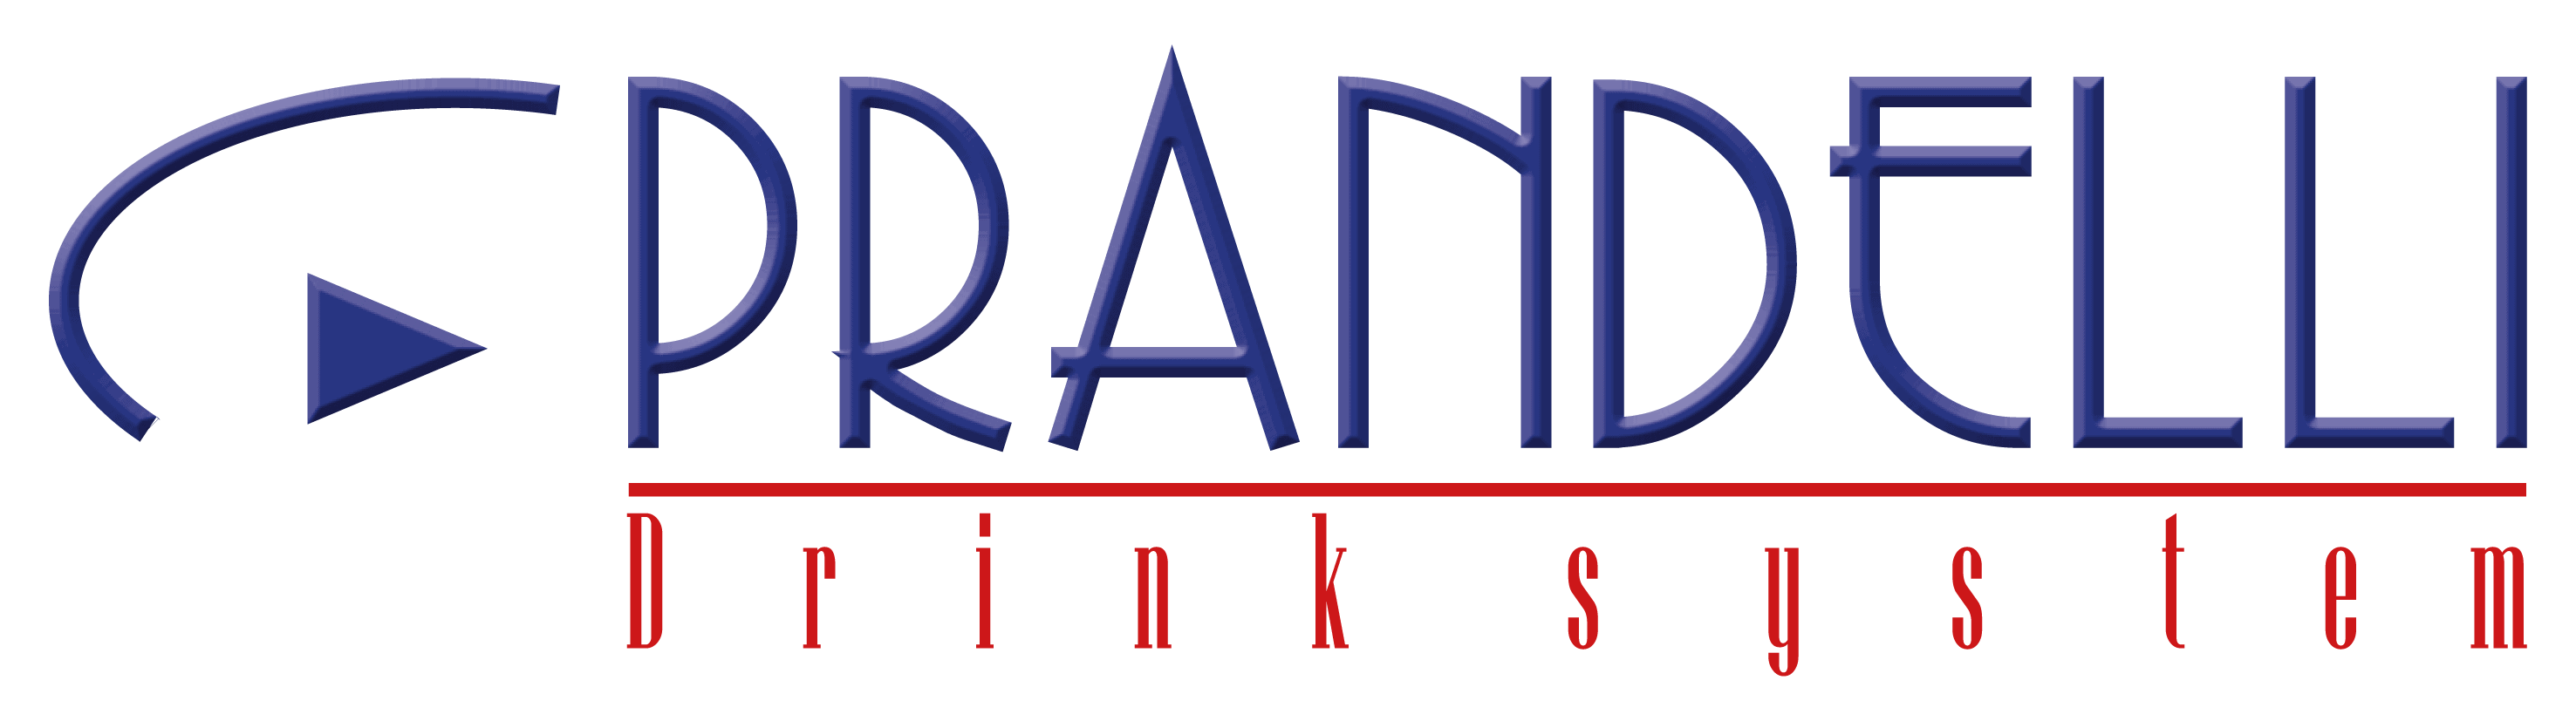 Prandelli srl - La tua enoteca onlline